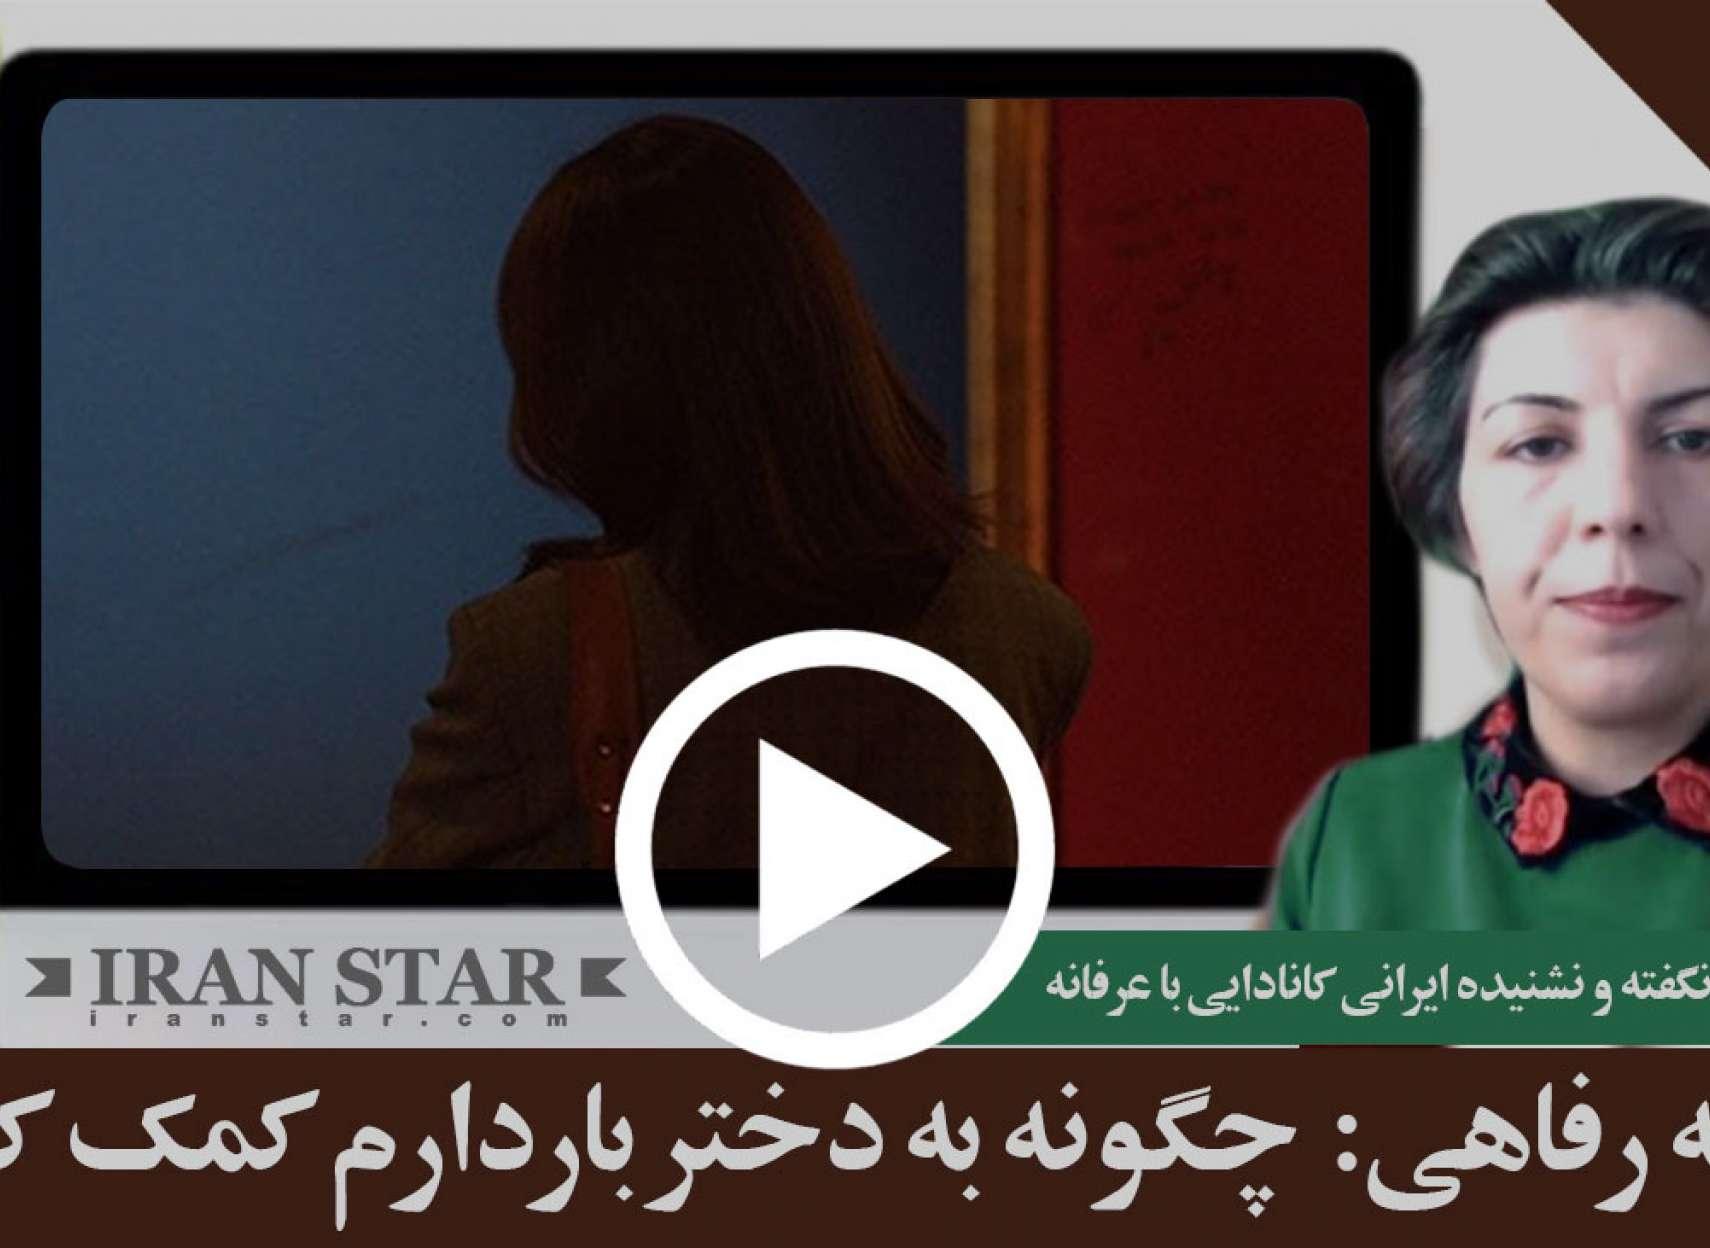 گپ تاپ - مهاجرت - ایرانیان - سوابه رفاهی: چگونه به دختر باردارم کمک کنم